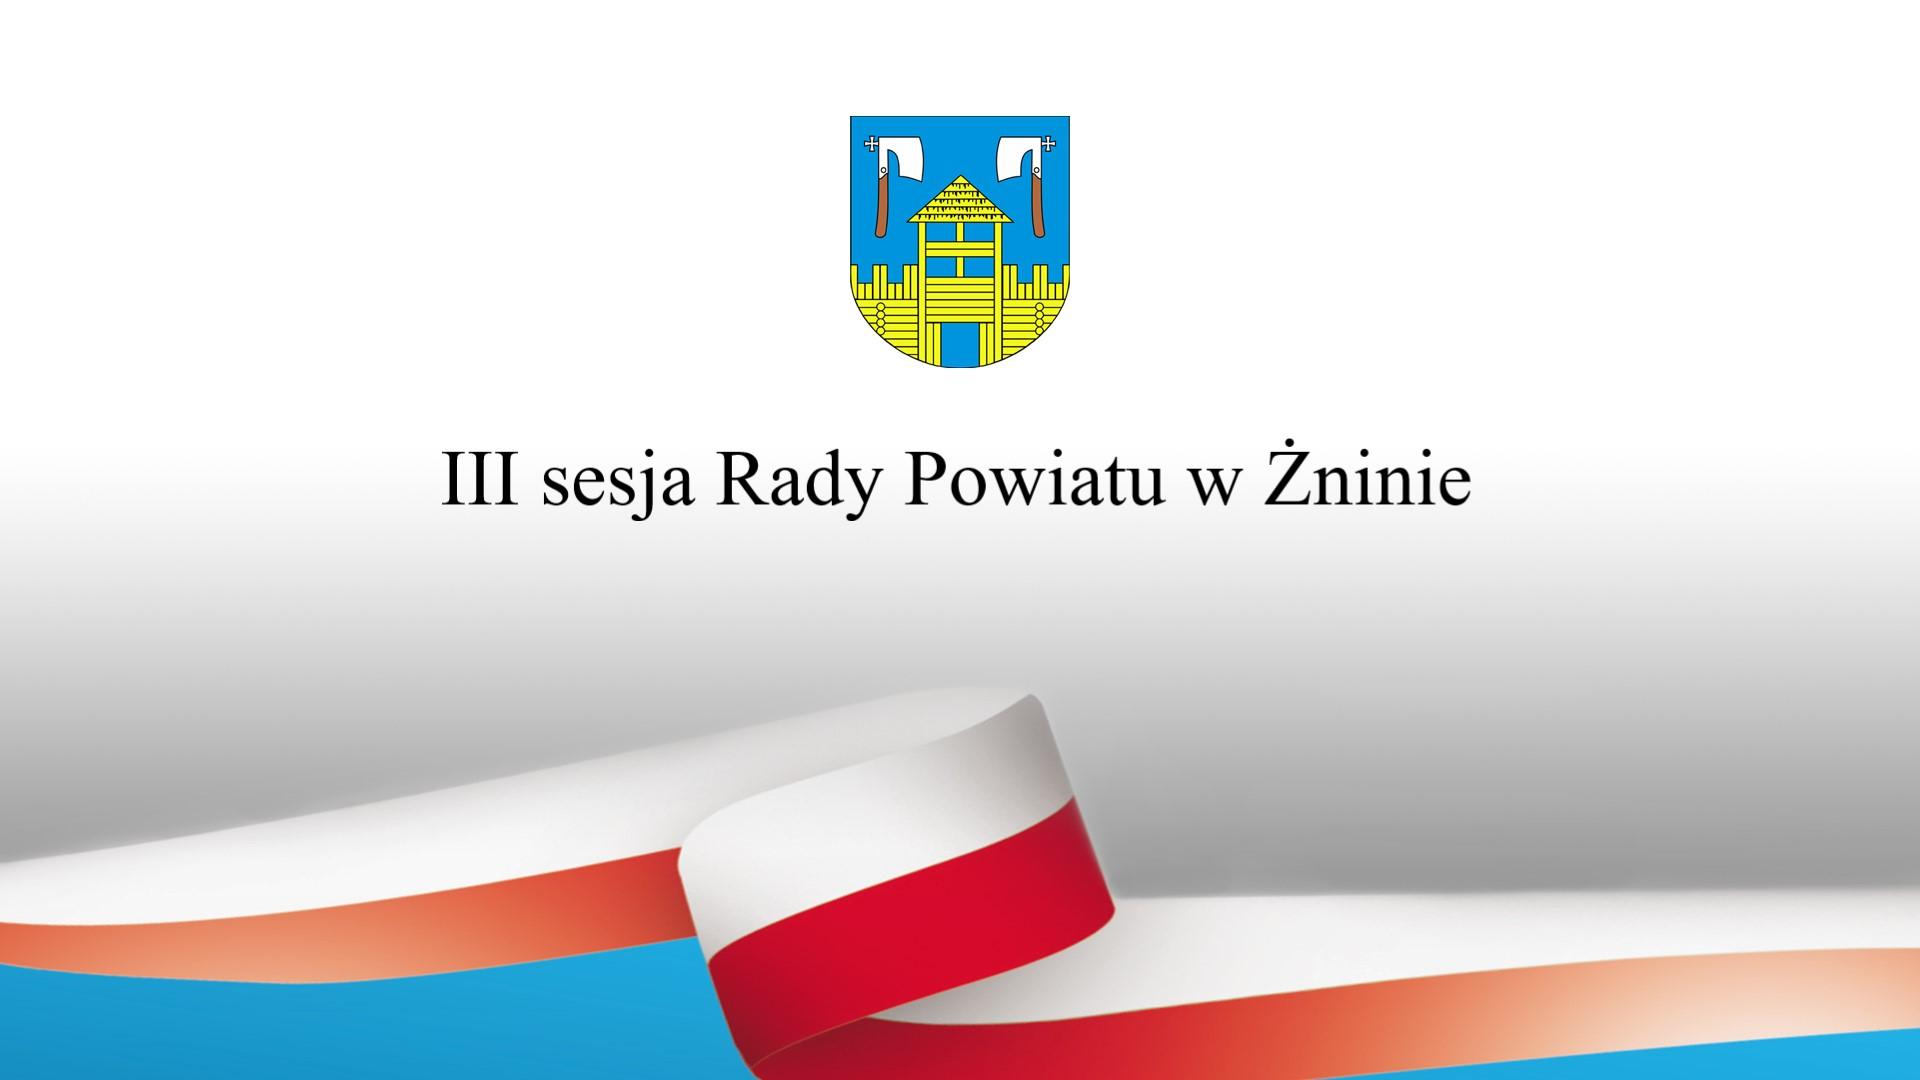 powiatzninski/III_sesja_Rady_Powiatu_w_Żninie.jpg